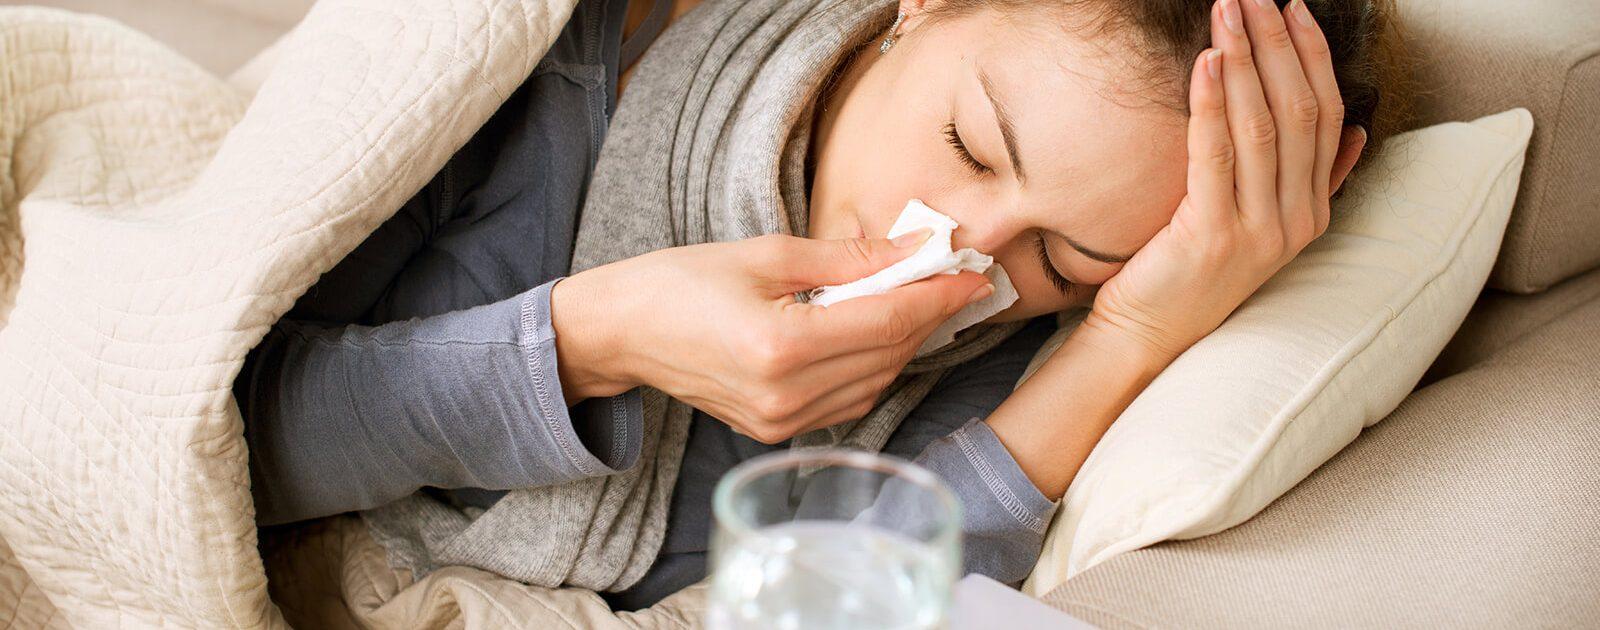 Eine sich schnäuzende Frau liegt müde und schlapp mit Erkältung auf dem Sofa.